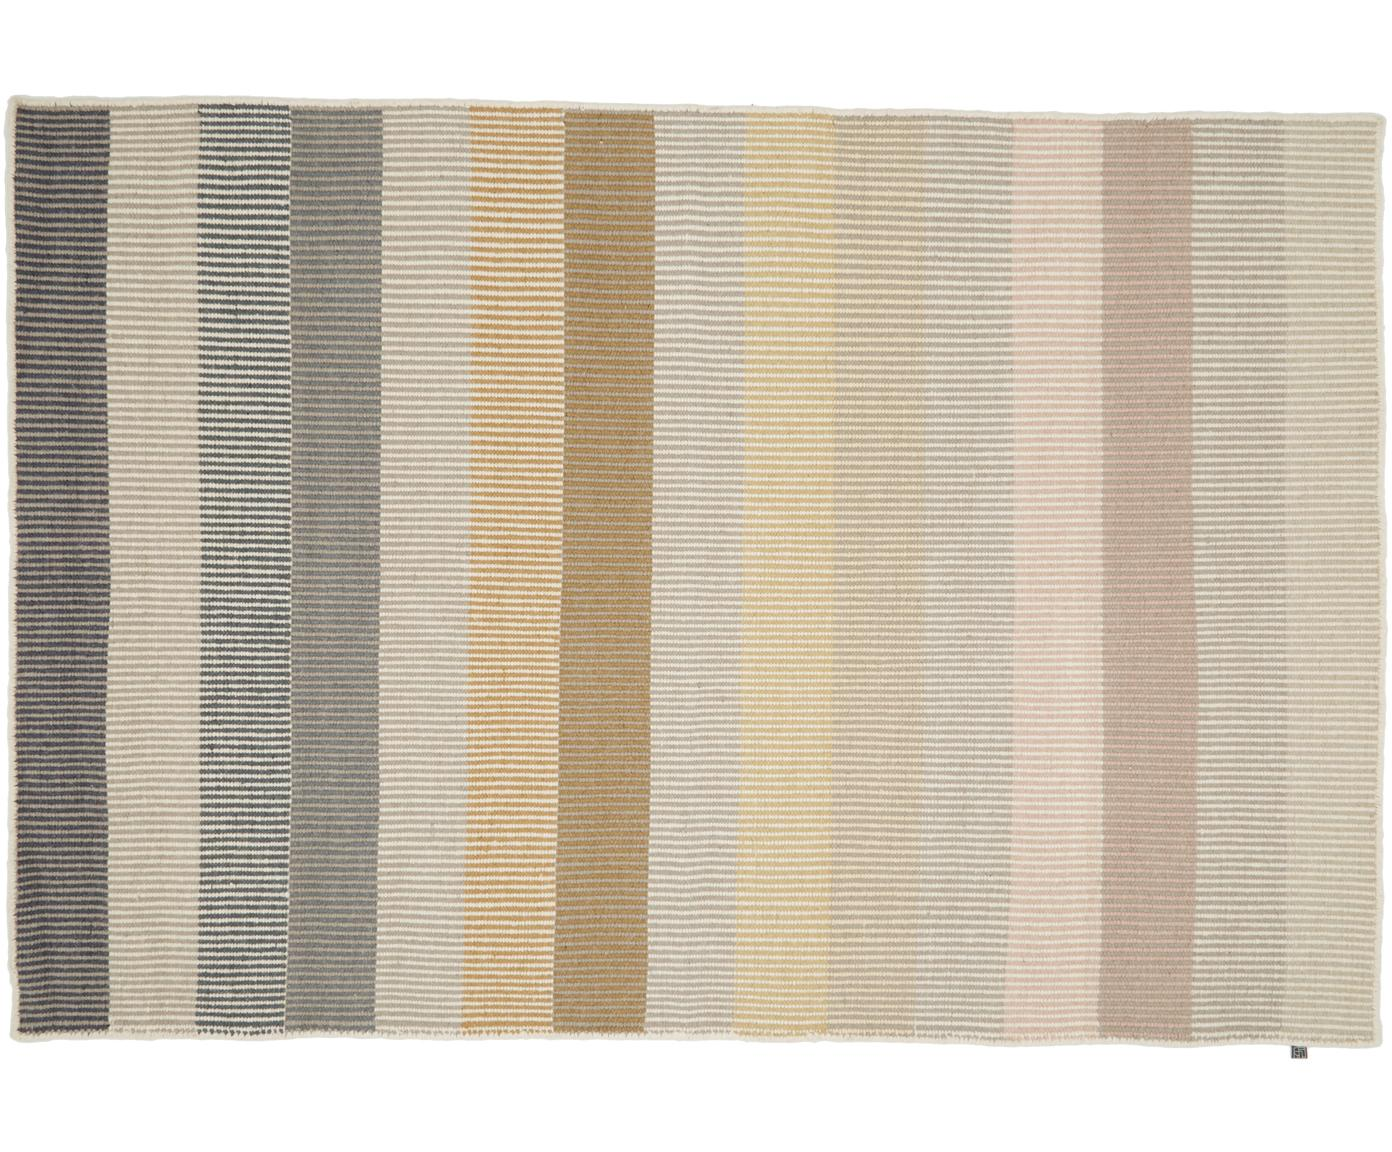 Tappeto in lana tessuto a mano Devise, Multicolore, Larg. 140 x Lung. 200 cm (taglia S)